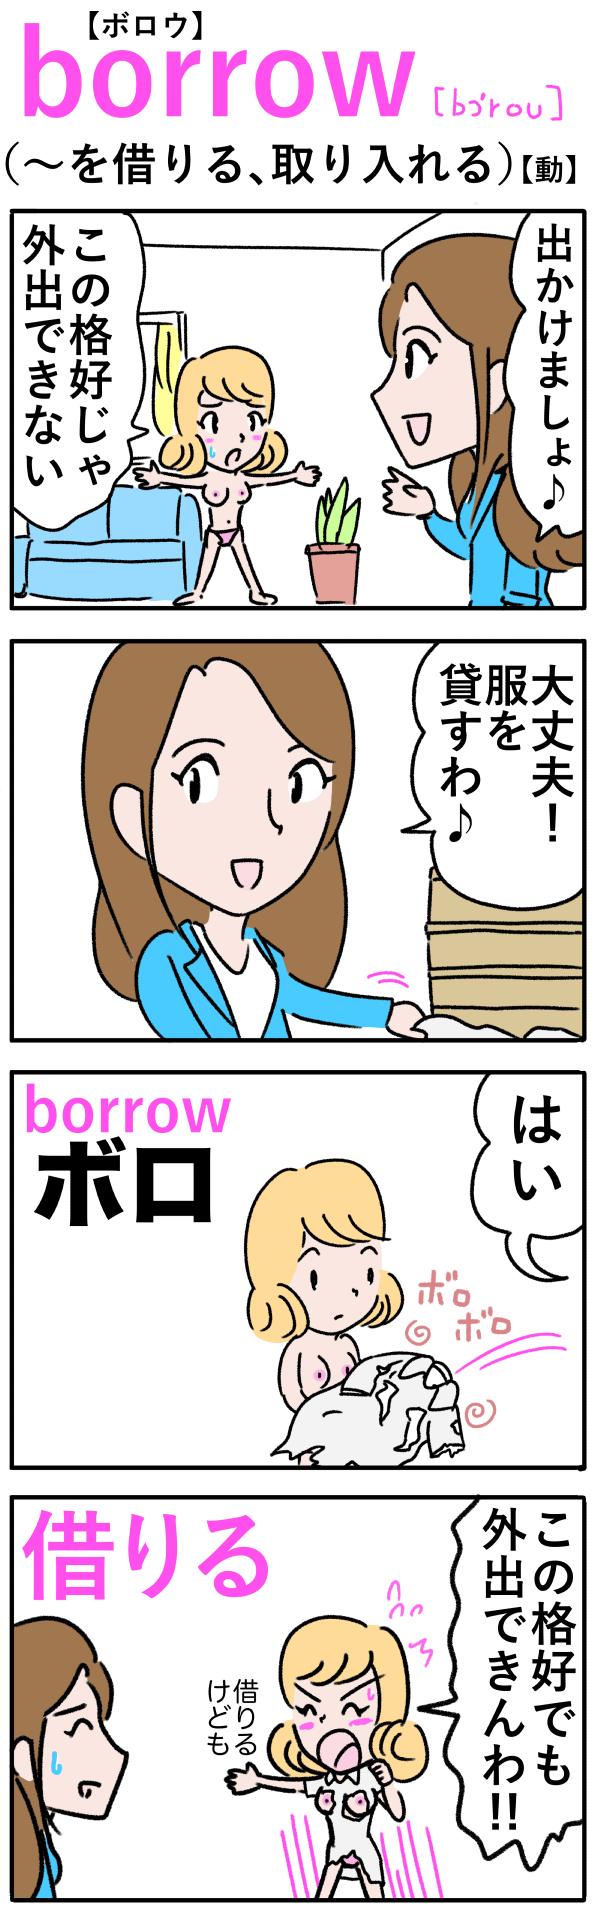 borrow(〜を借りる、取り入れる)の語呂合わせ英単語